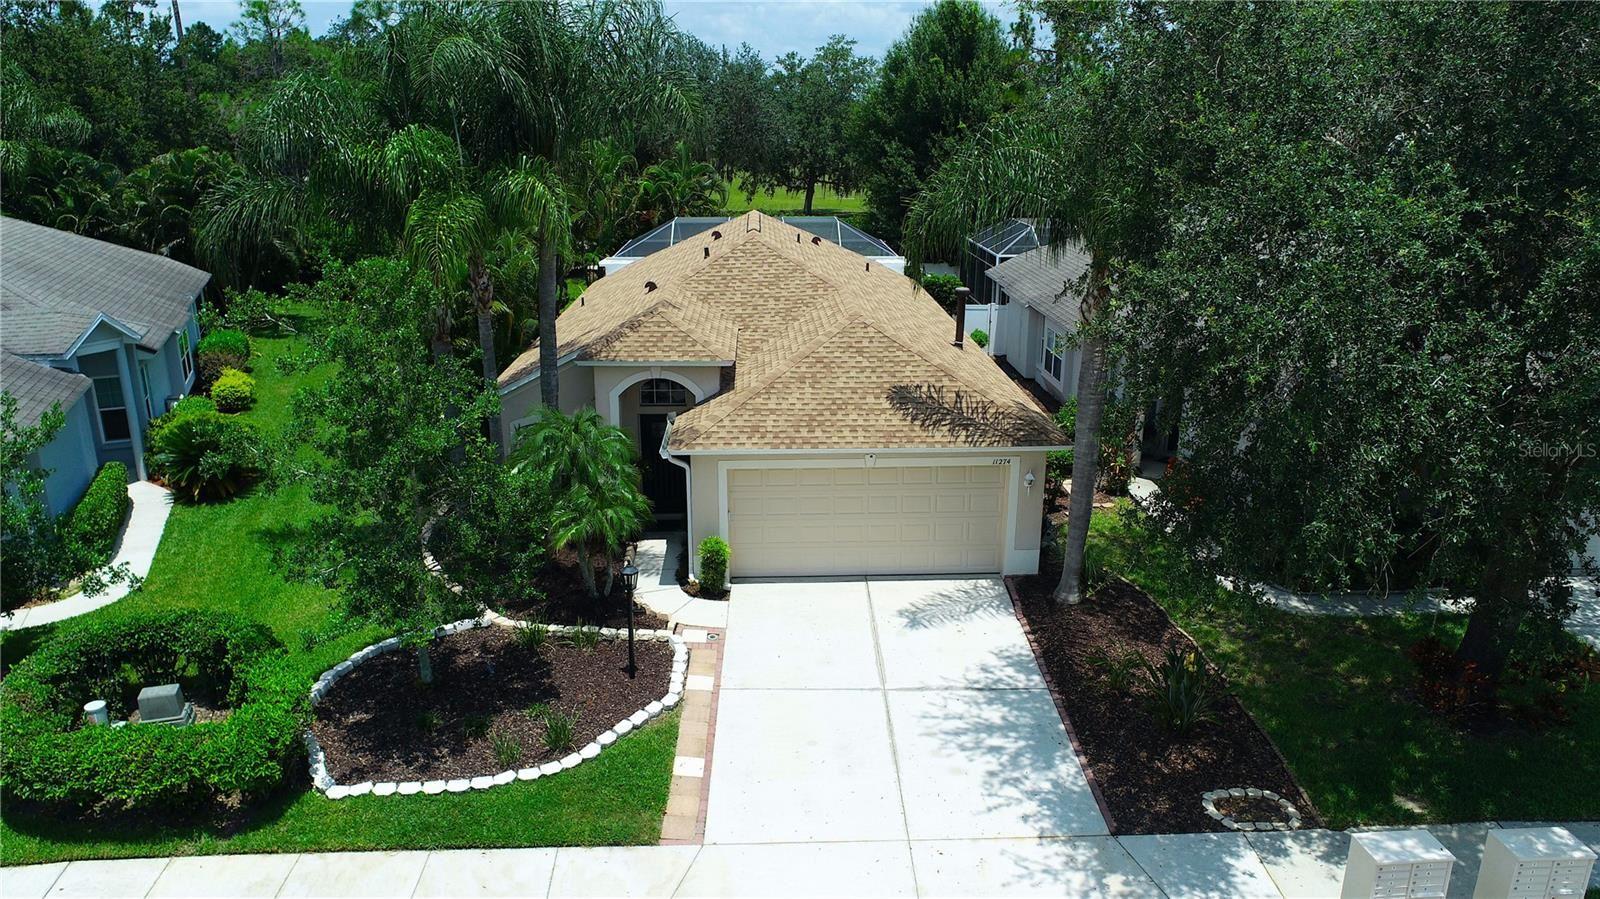 11274 BEEBALM CIRCLE, Lakewood Ranch, FL 34202 - #: A4508282